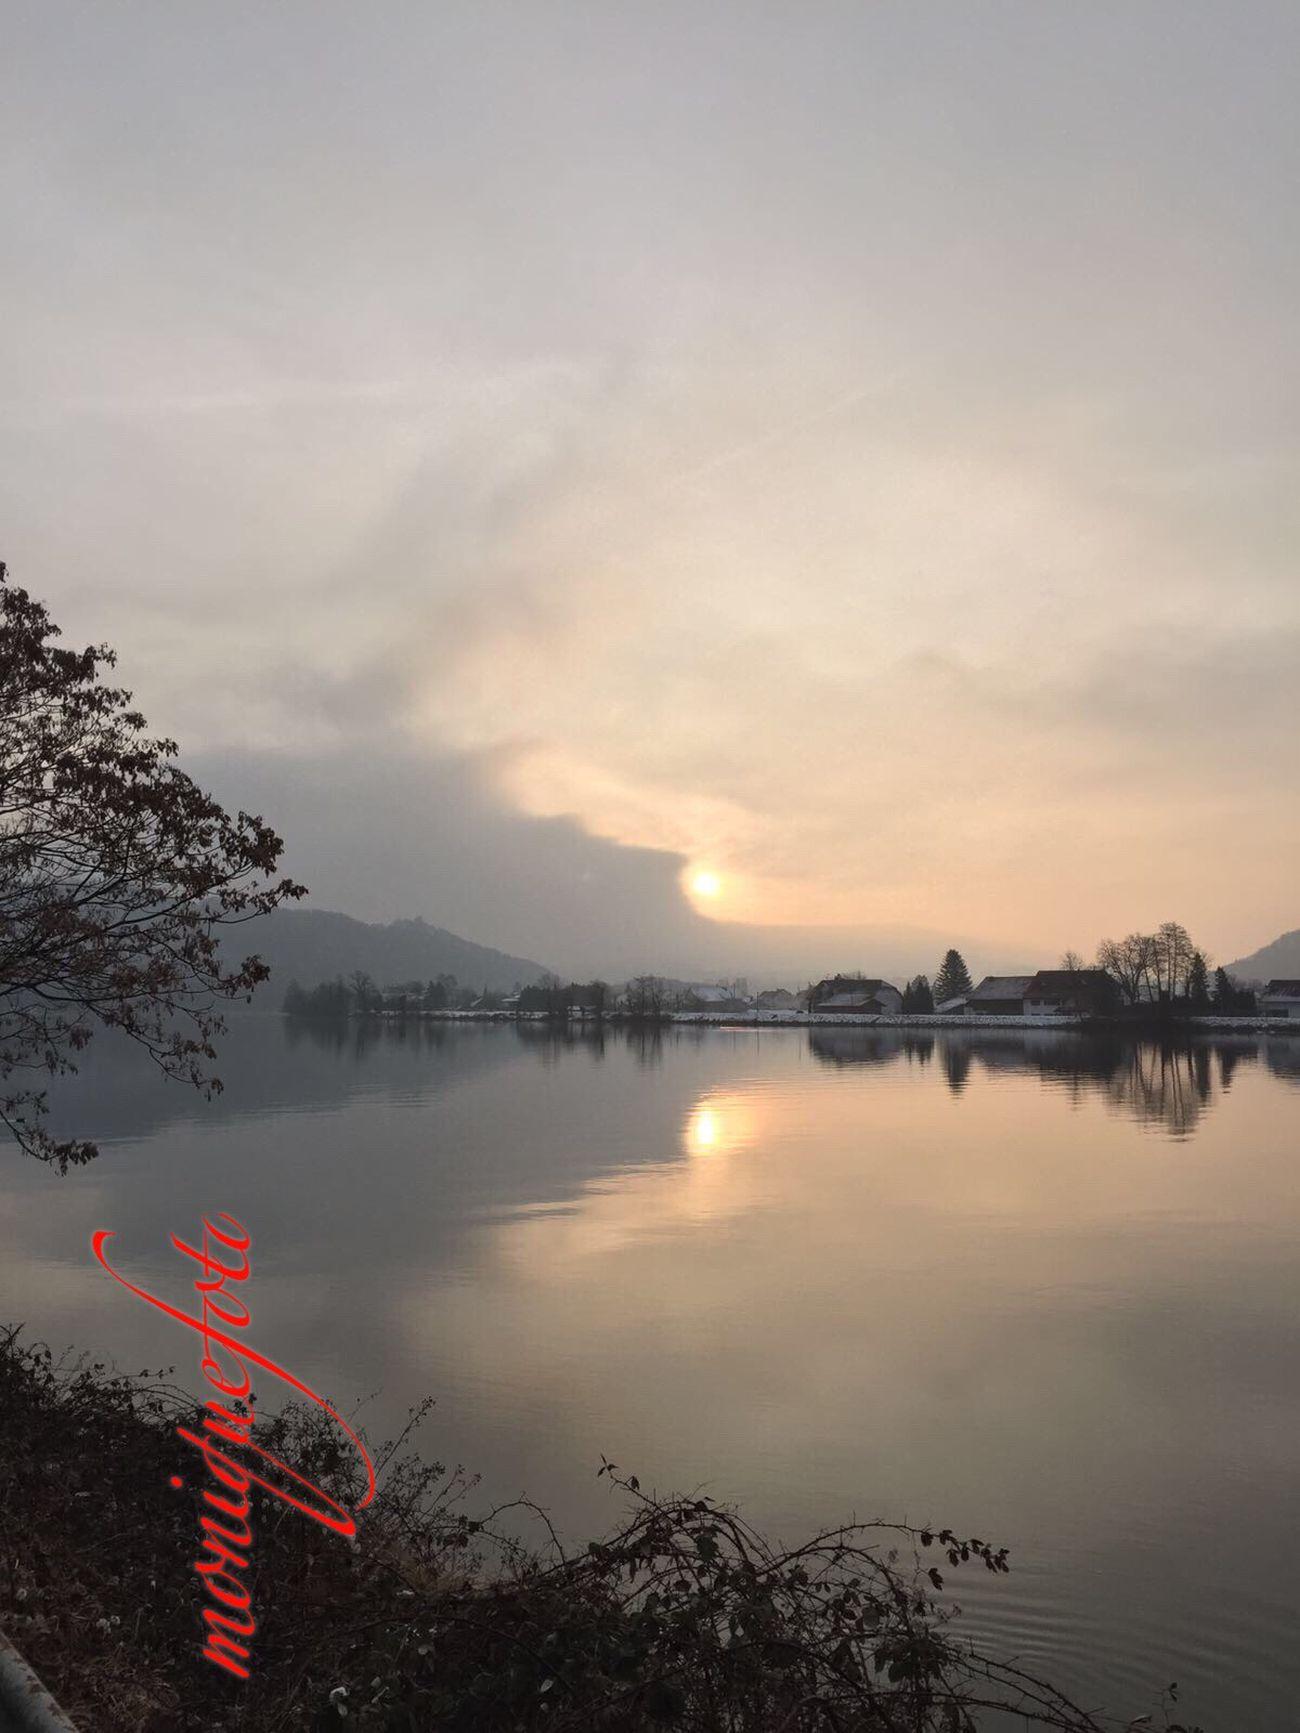 2017-01-27/08:30 Uhr. Die Sonne kämpft gegen den Frühnebel am Hochrhein bei Waldshut. 💕💗 Monique52 Rheinufer Waldshut-Tiengen Nebelig Morgenstimmung Sonnenaufgang❤